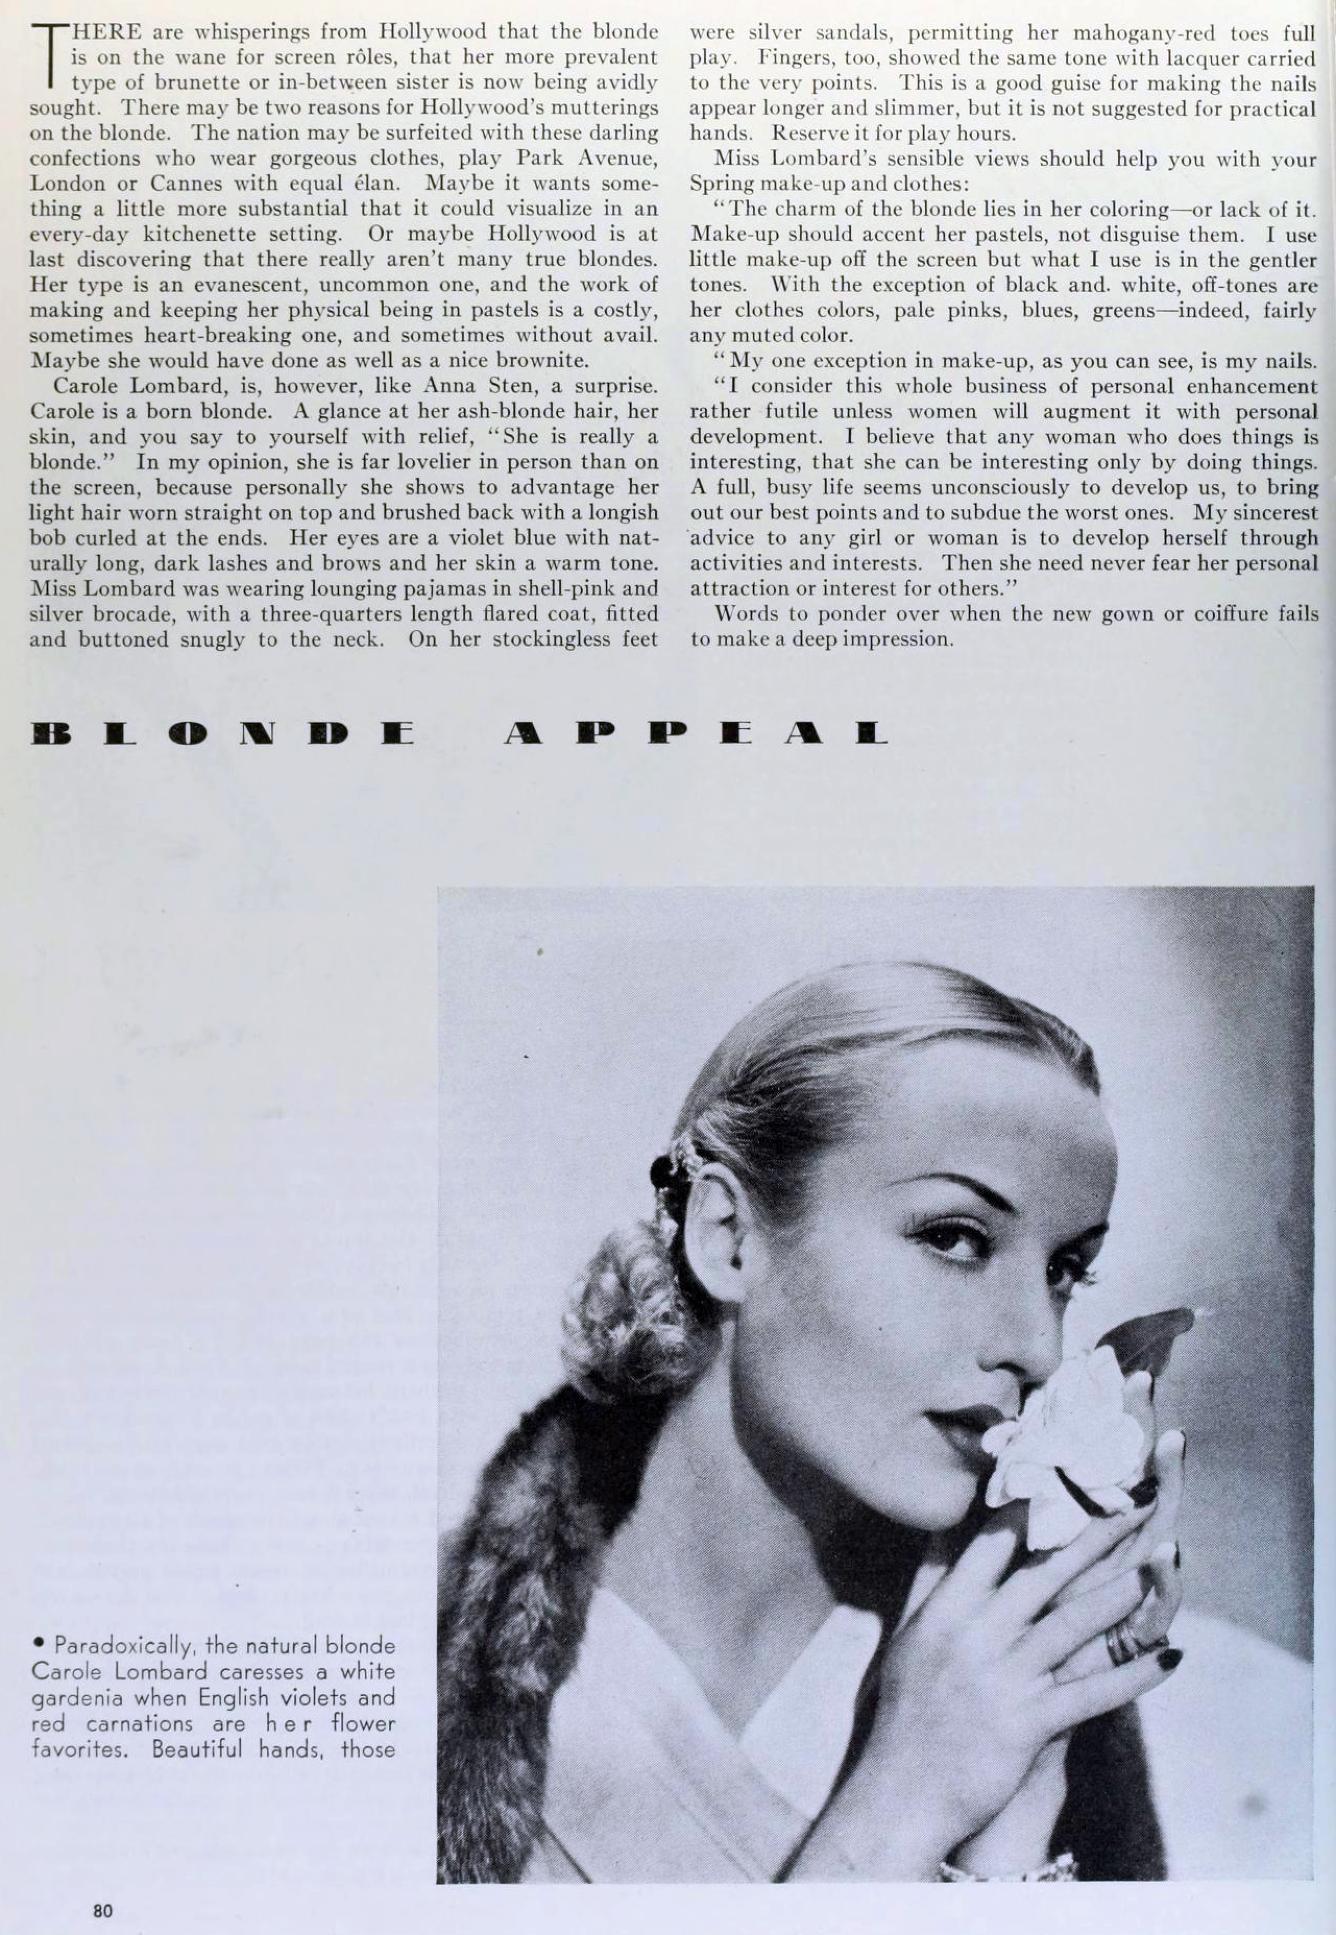 carole lombard photoplay april 1935 larger